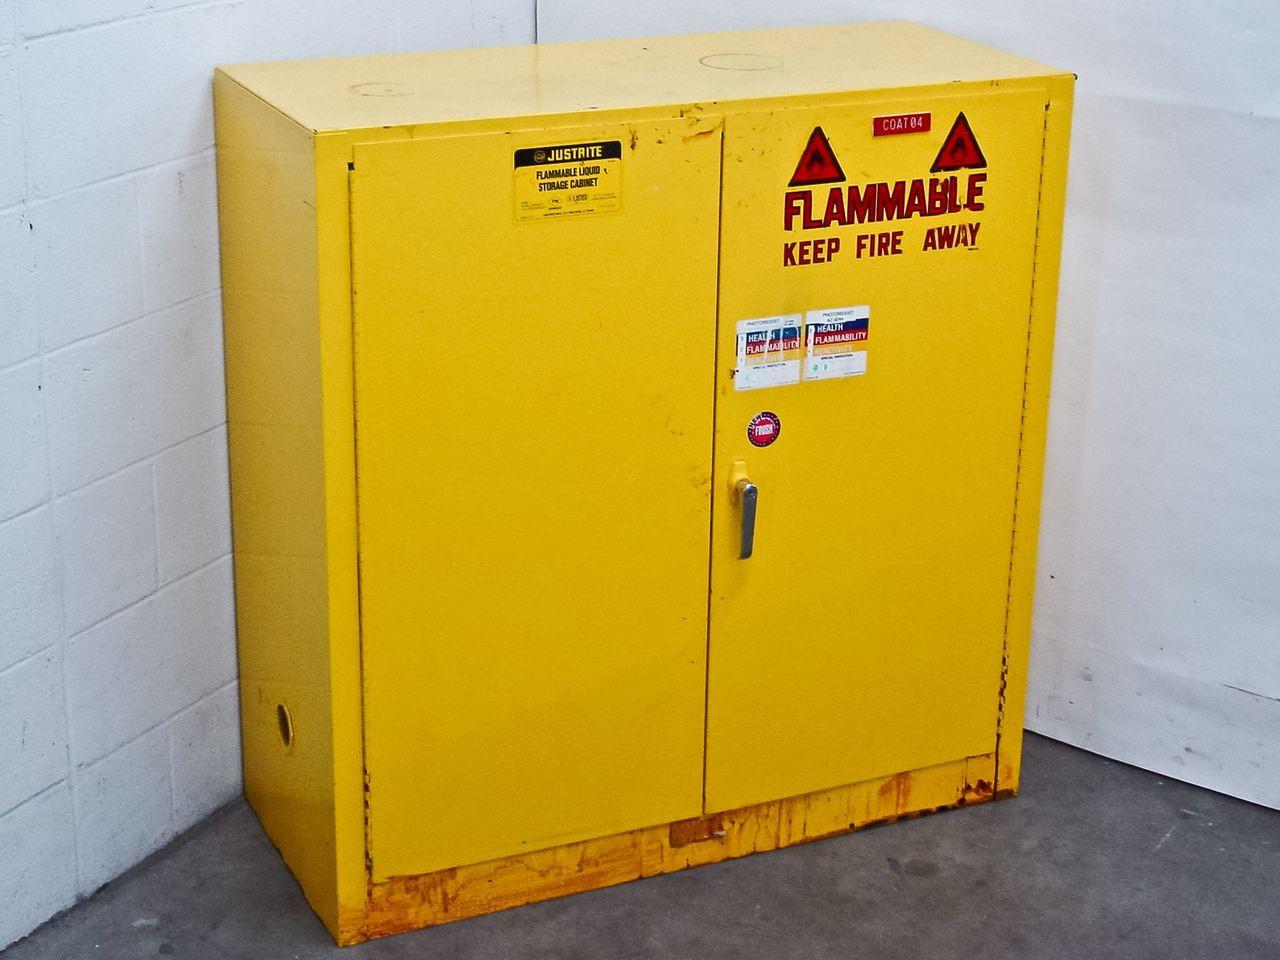 Justrite 25300 30 Gallon Flammable Liquid Storage Cabinet ...